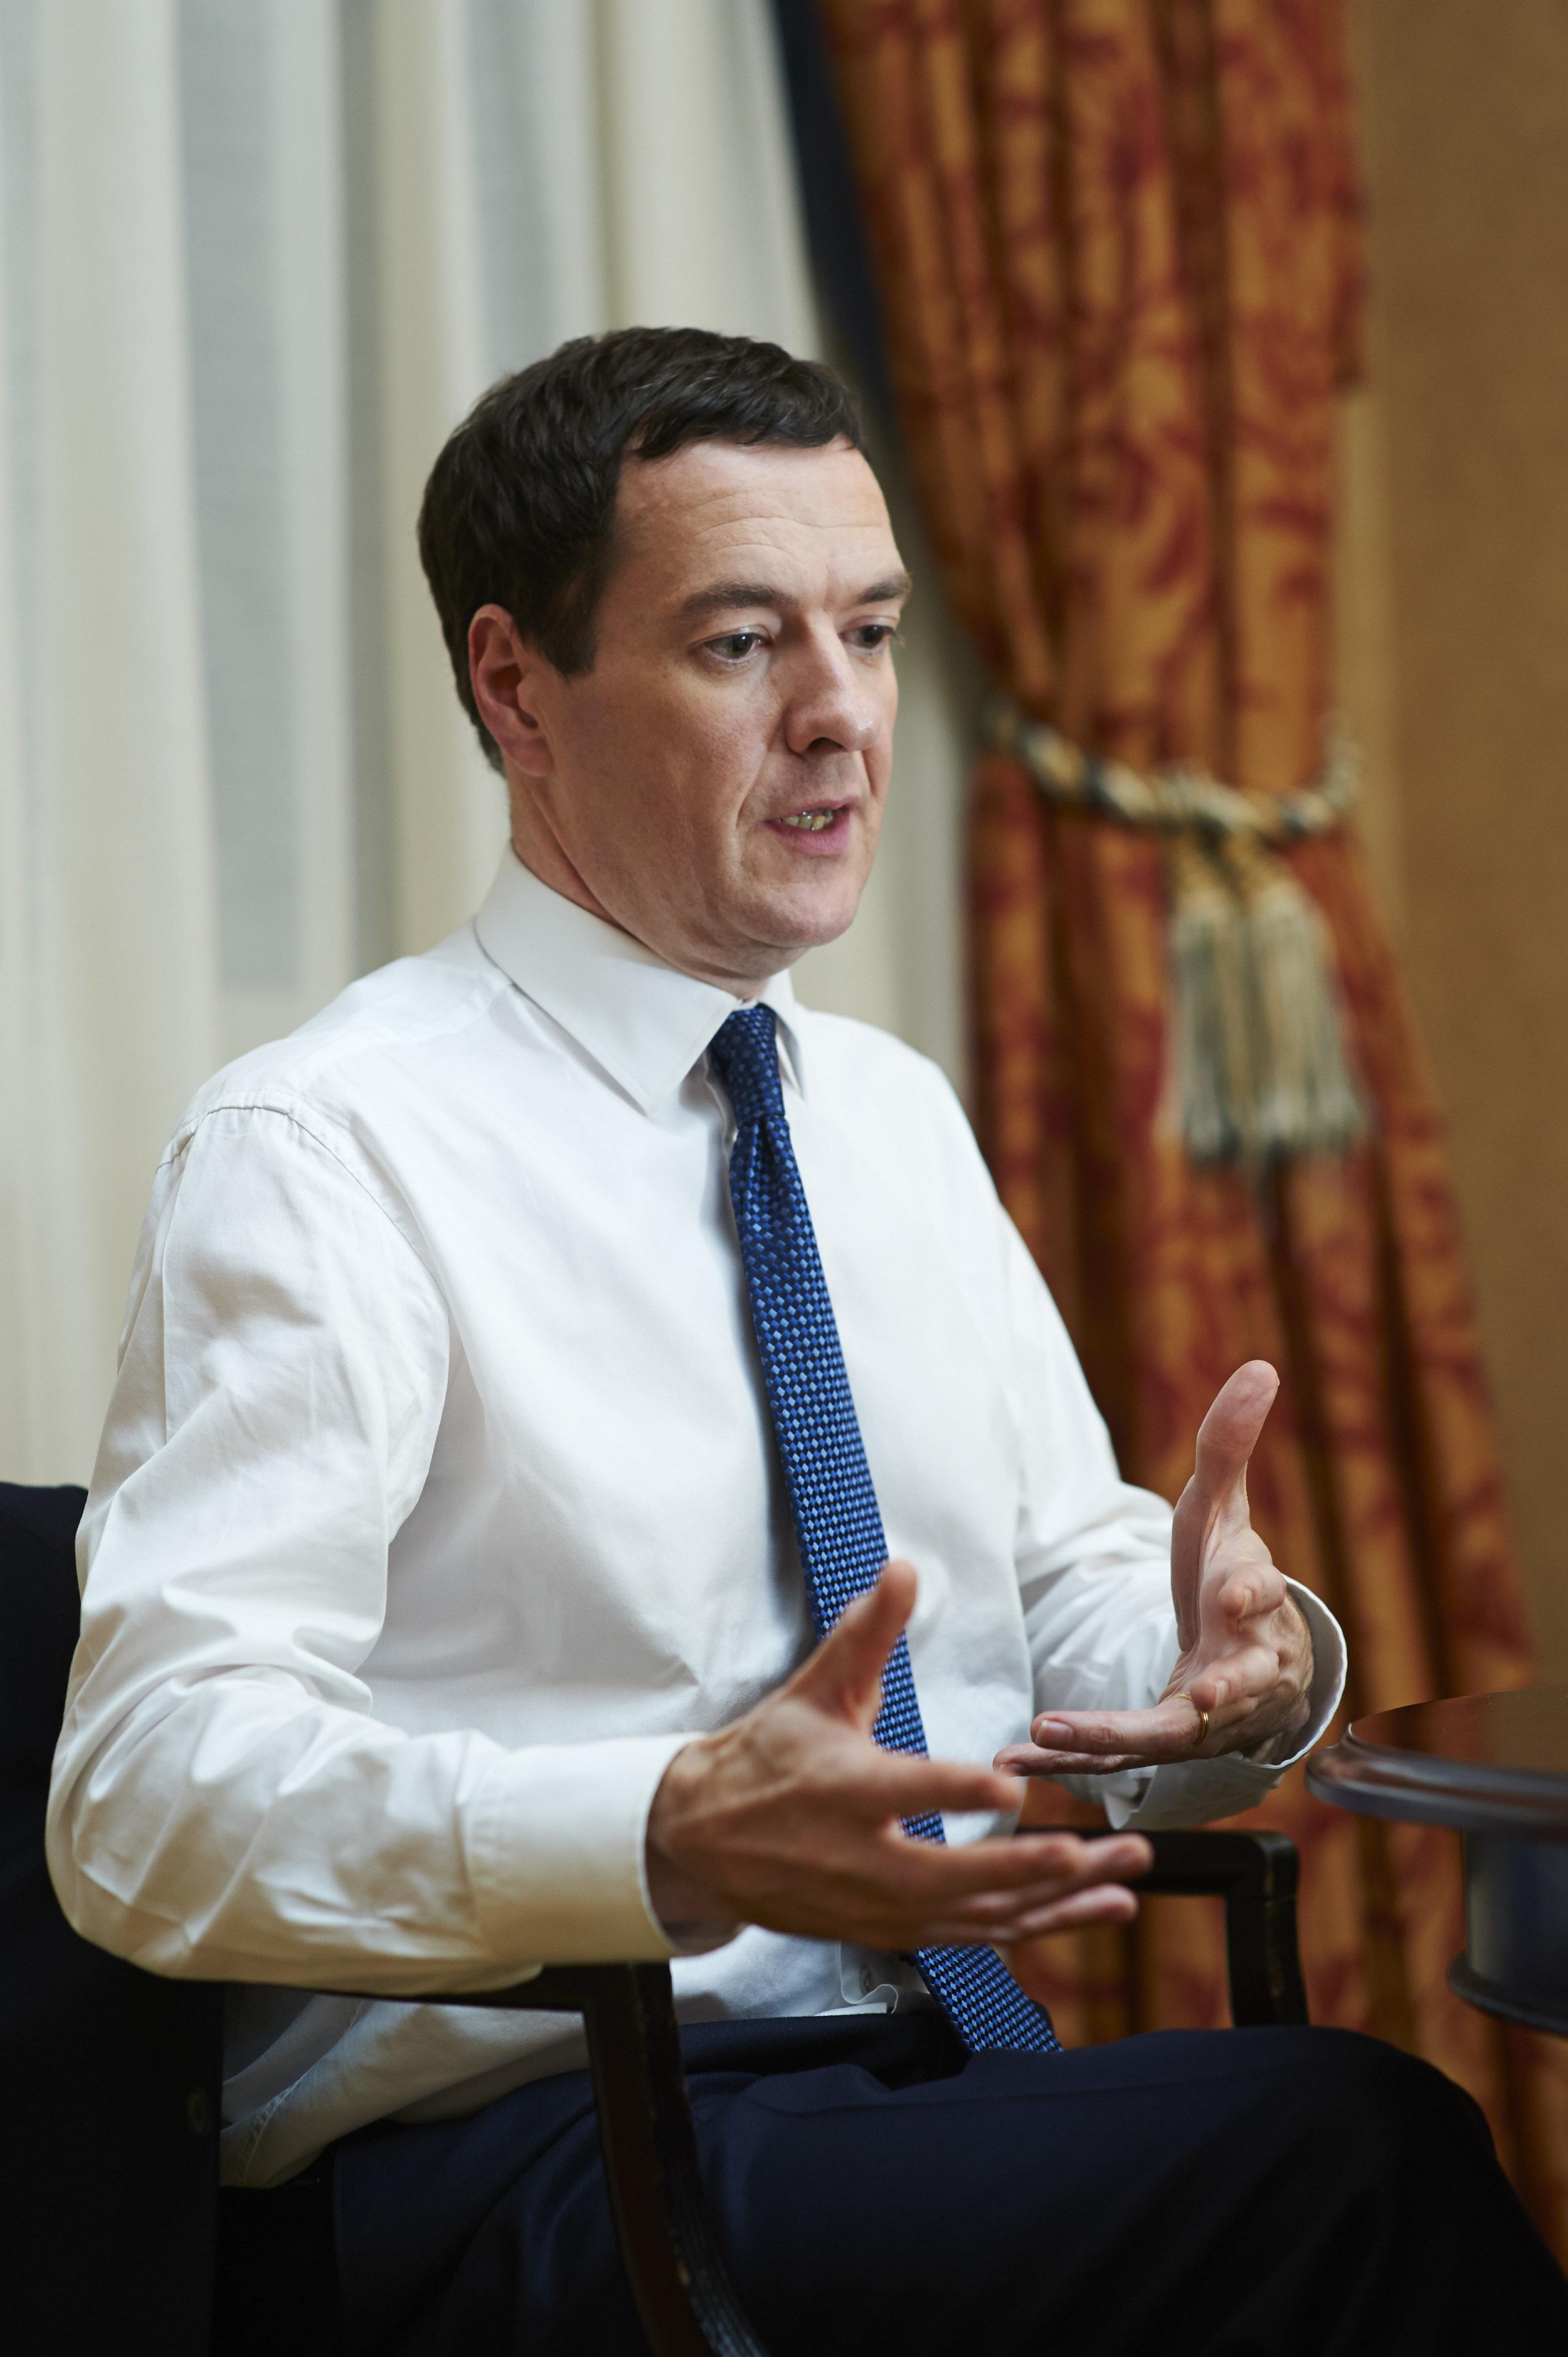 George_Osborne_180.jpg